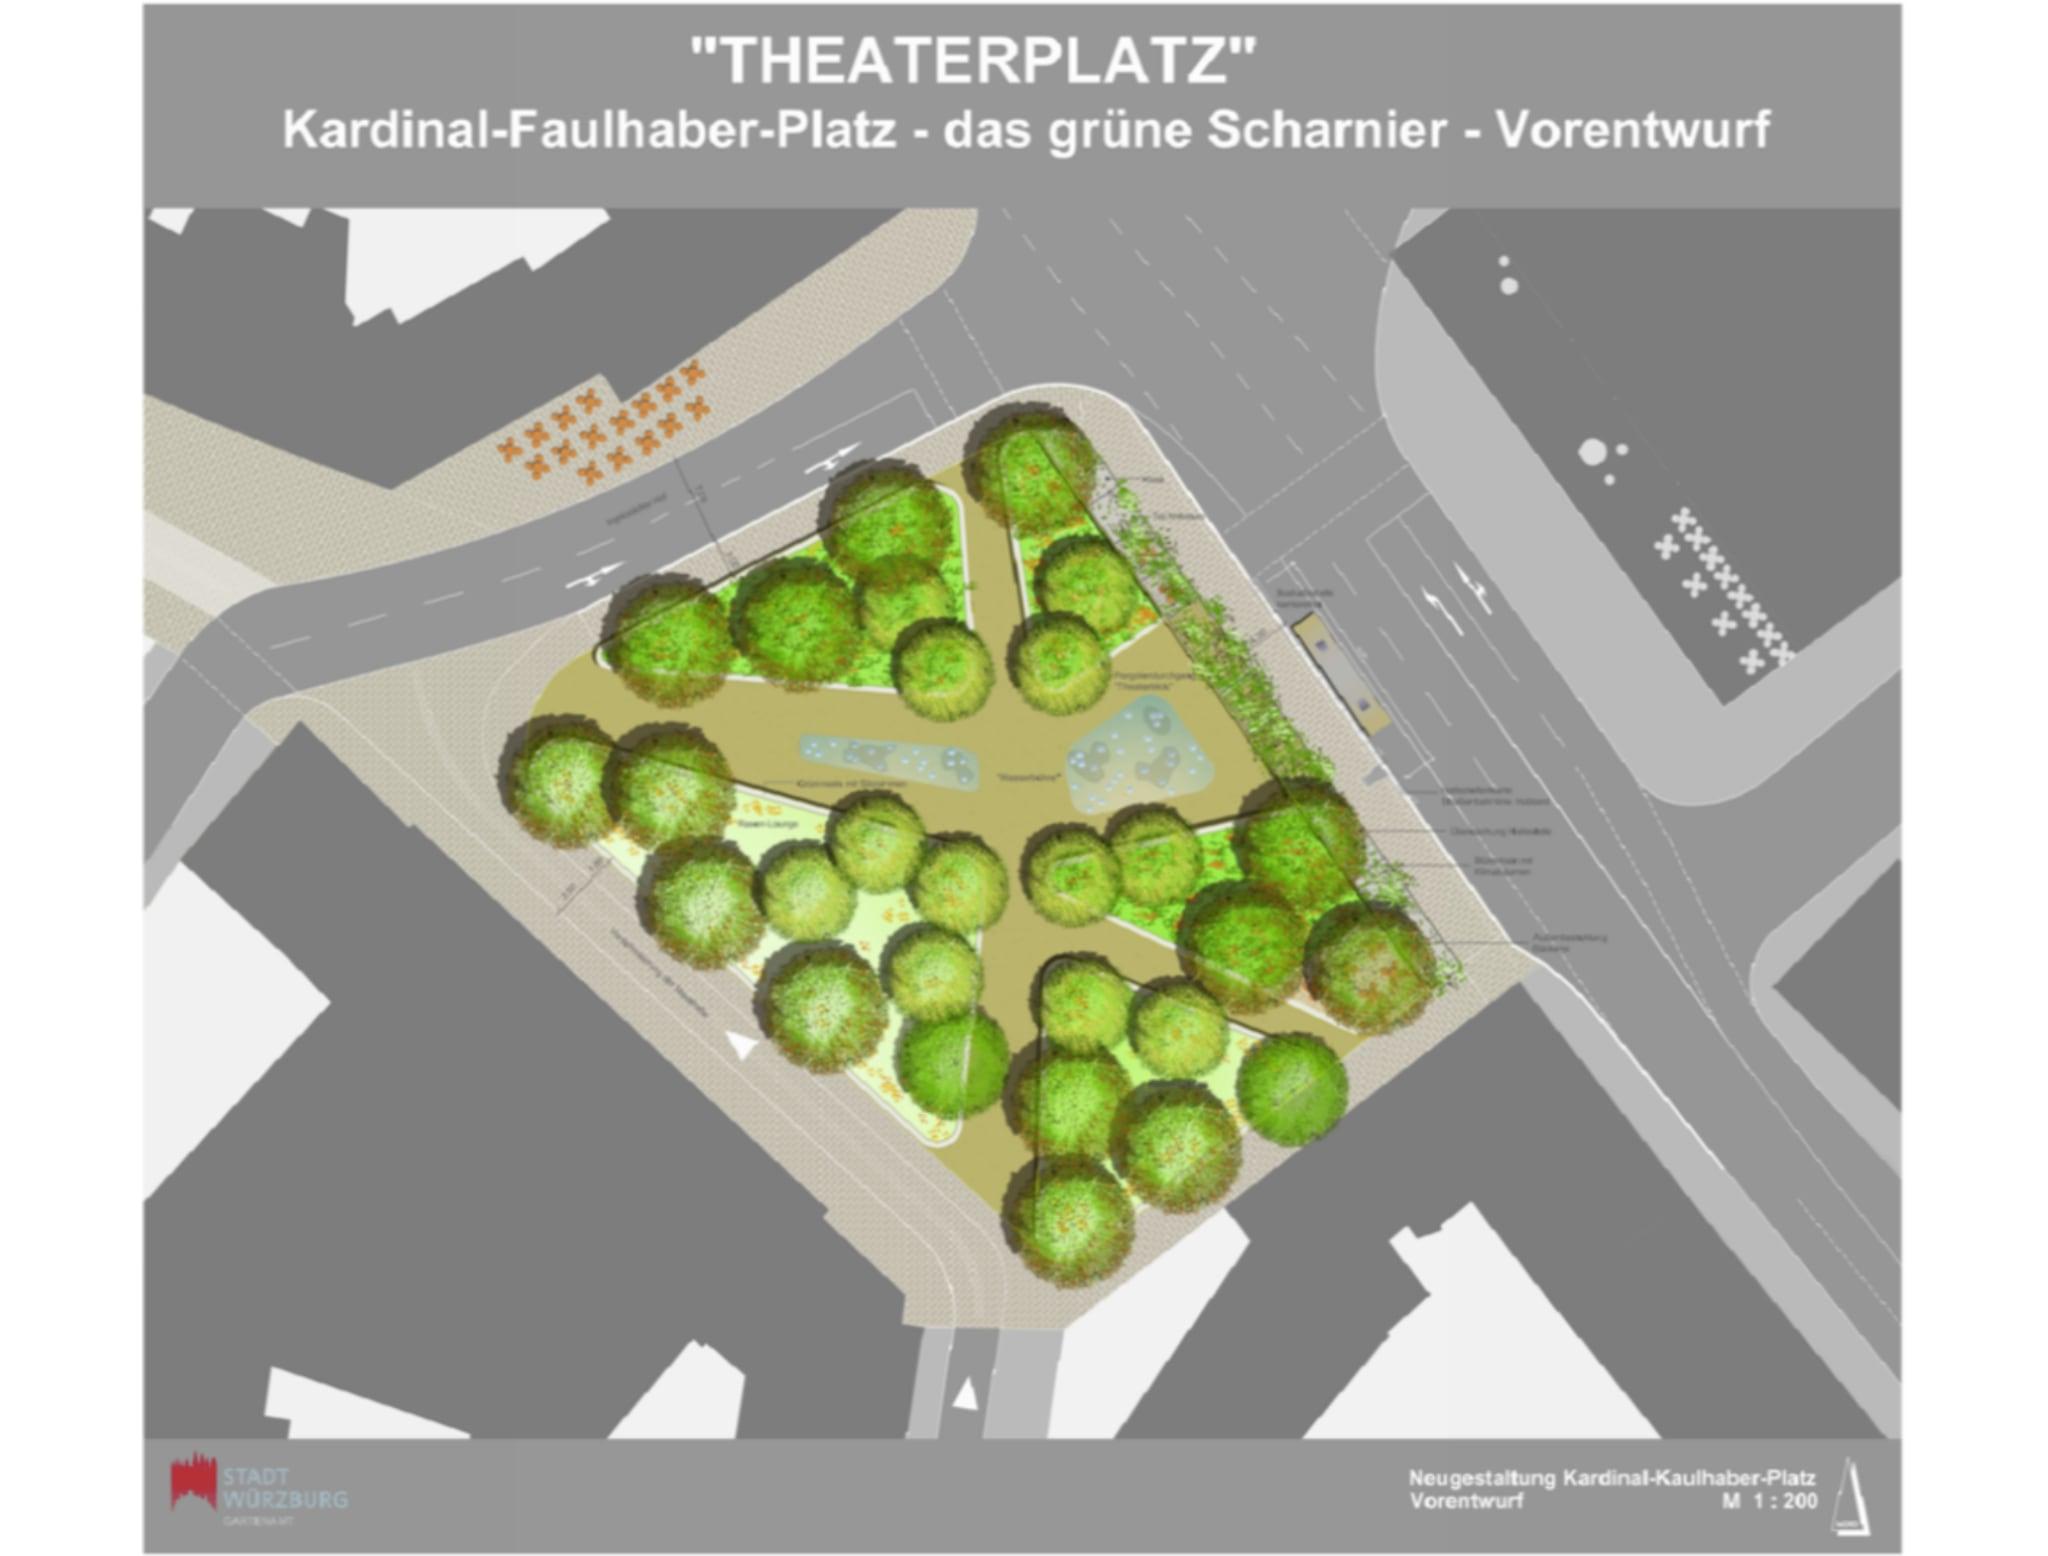 Entwurf des Garteamtes zur Gestaltung des Kardinal-Faulhaber-Platzes. Grafik: Gartenamt Stadt Würzburg